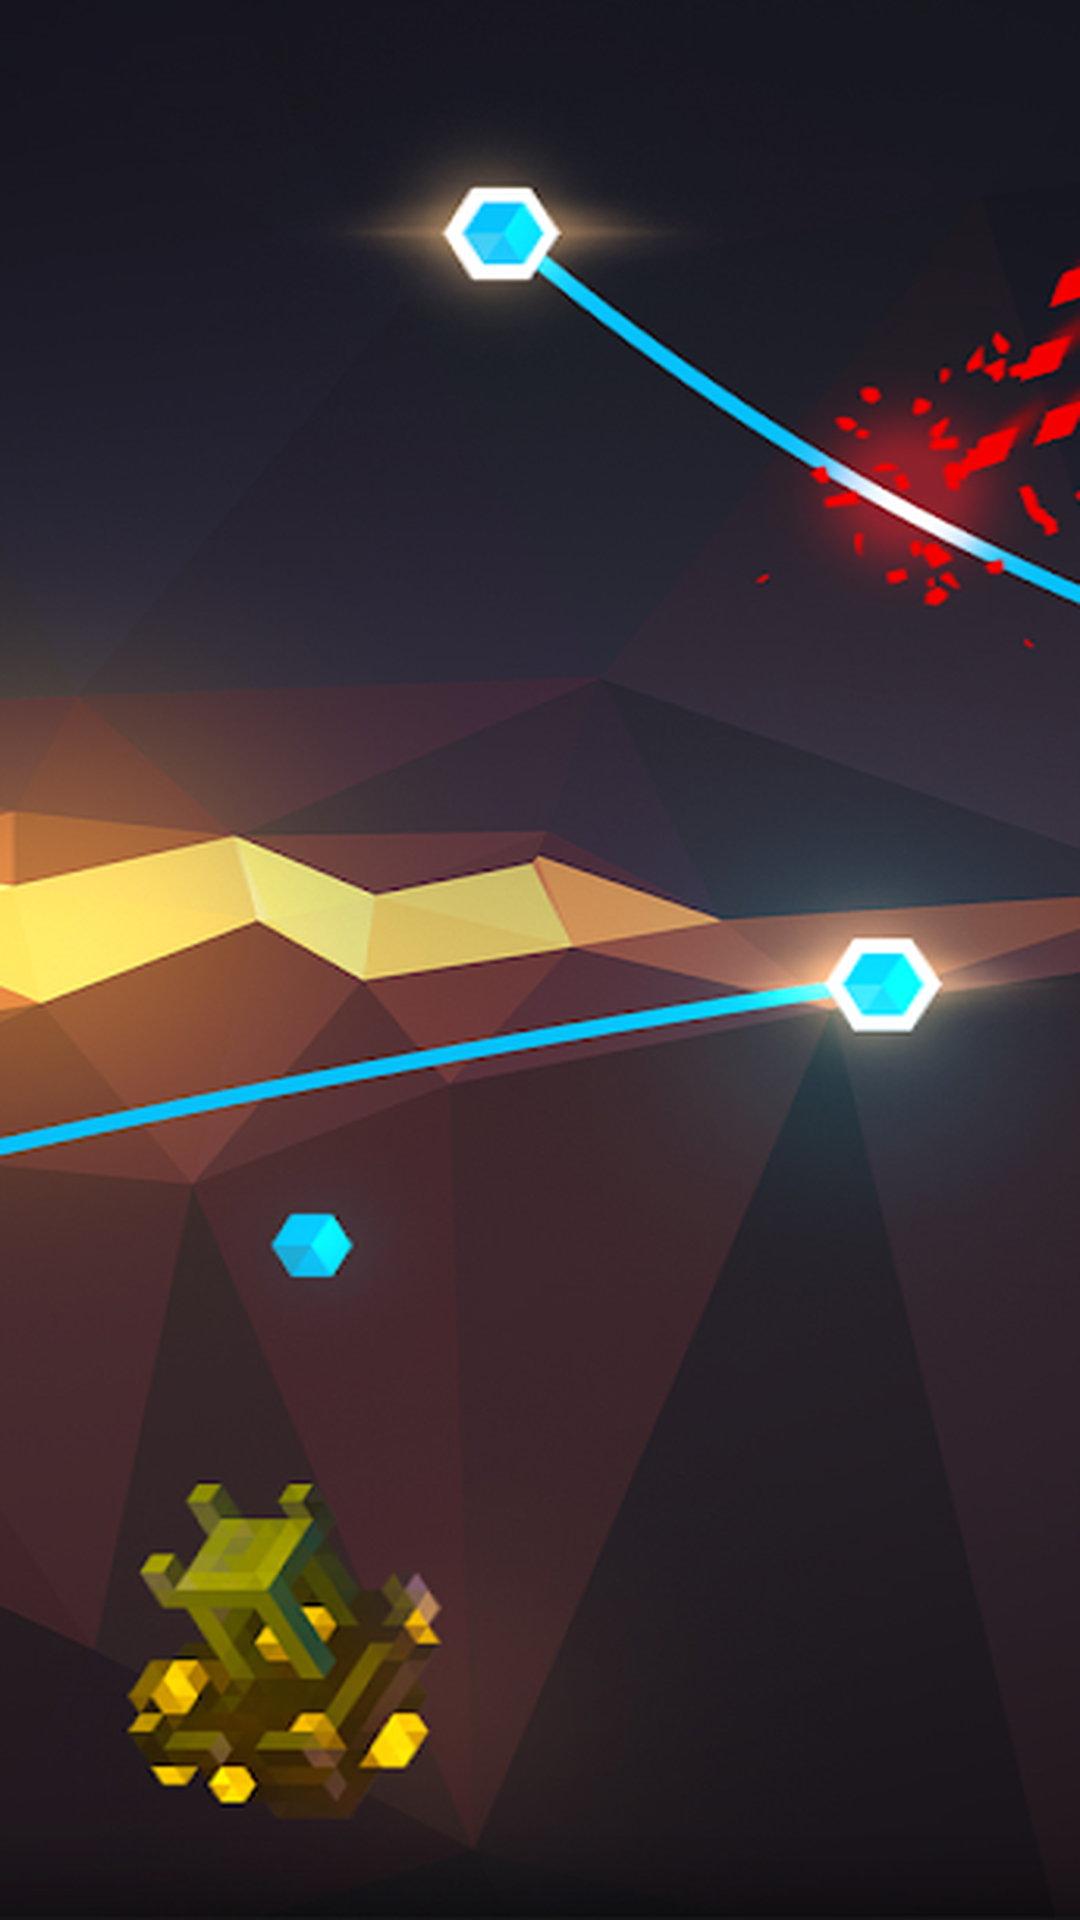 水晶连接安卓免费版|水晶连接最新1.0.11破解版下载